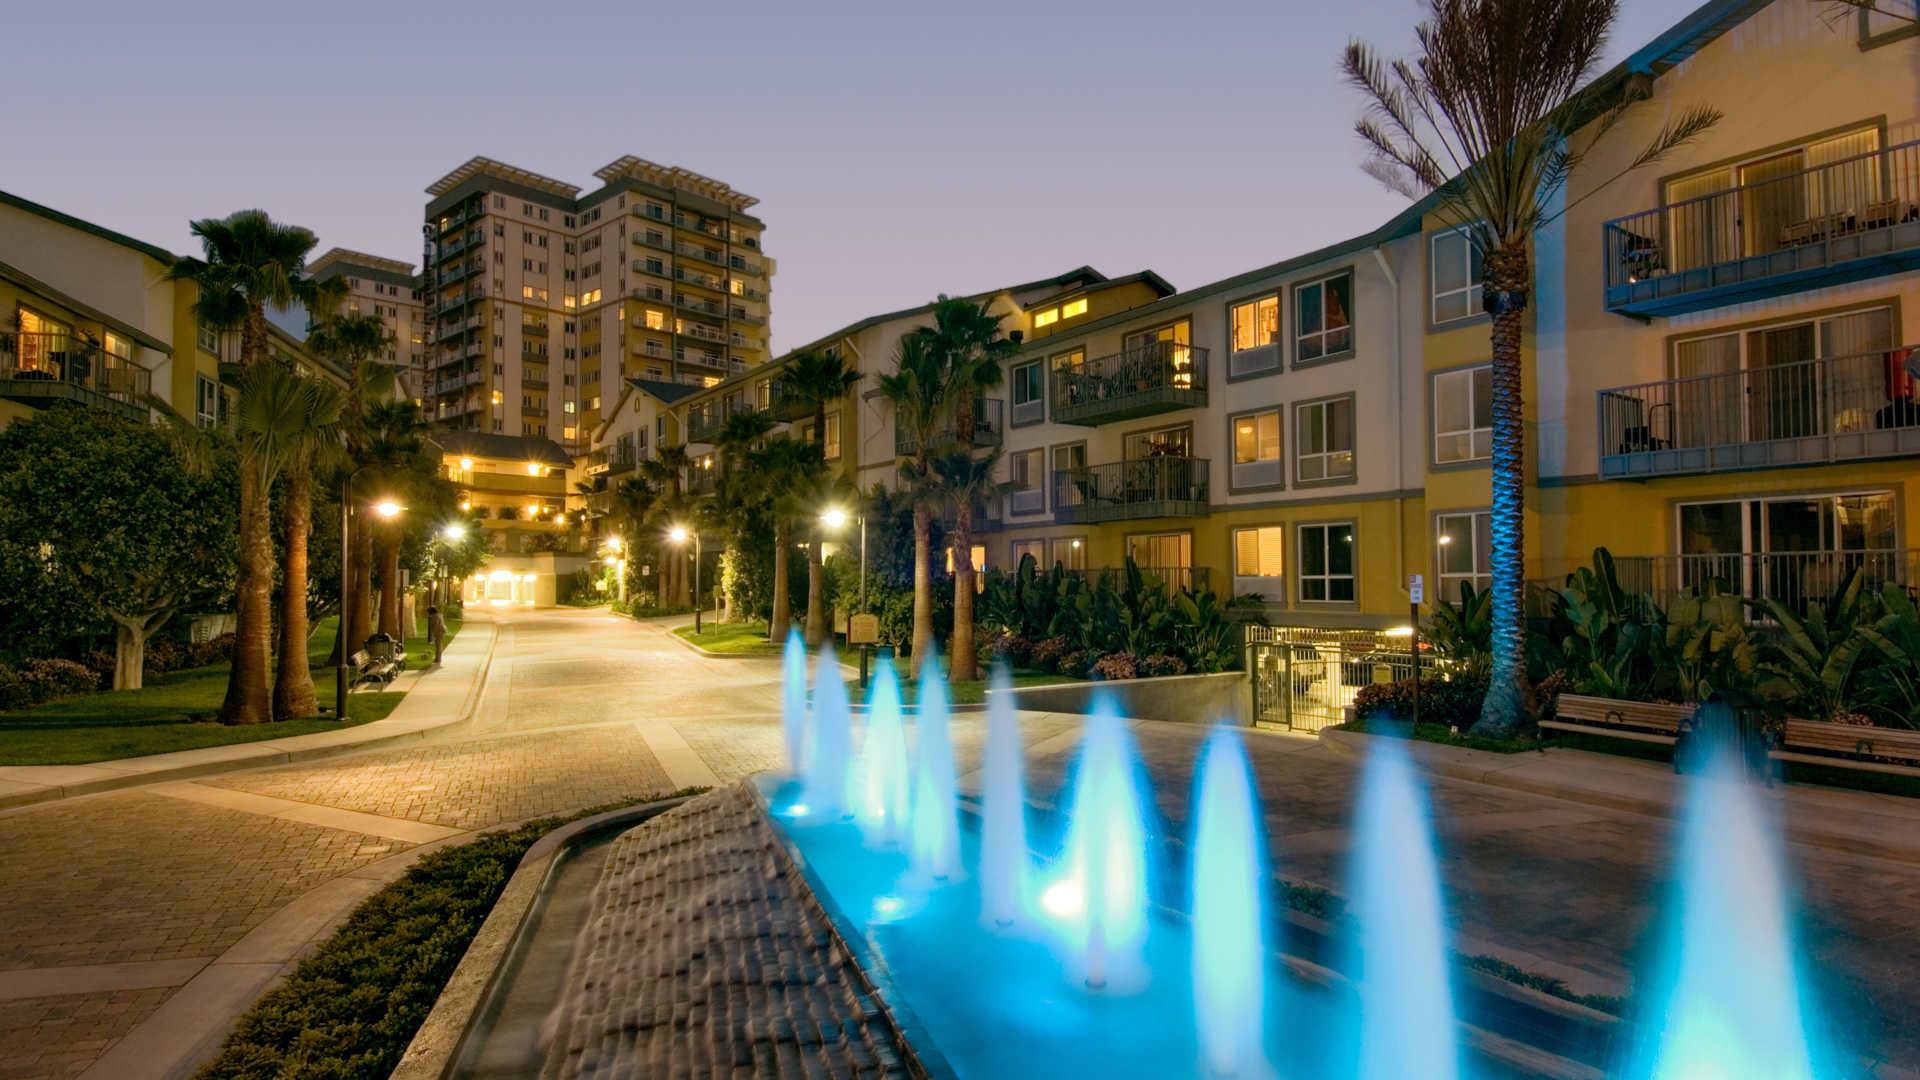 Top 112 1 Bedroom Apartments for Rent in Marina del Rey, CA